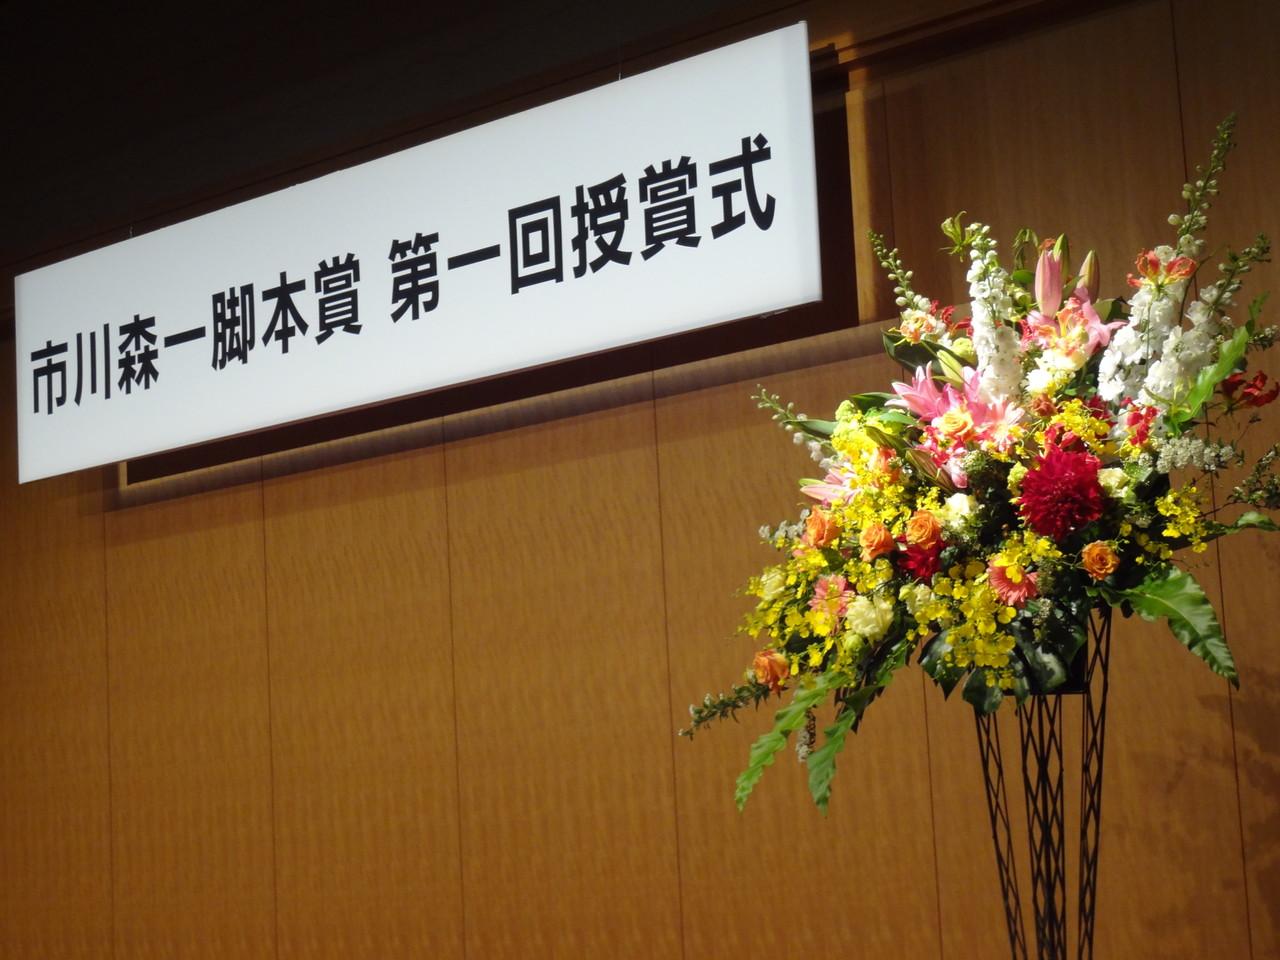 2013年4月22日(月)【第1回】市川森一脚本賞  授賞式